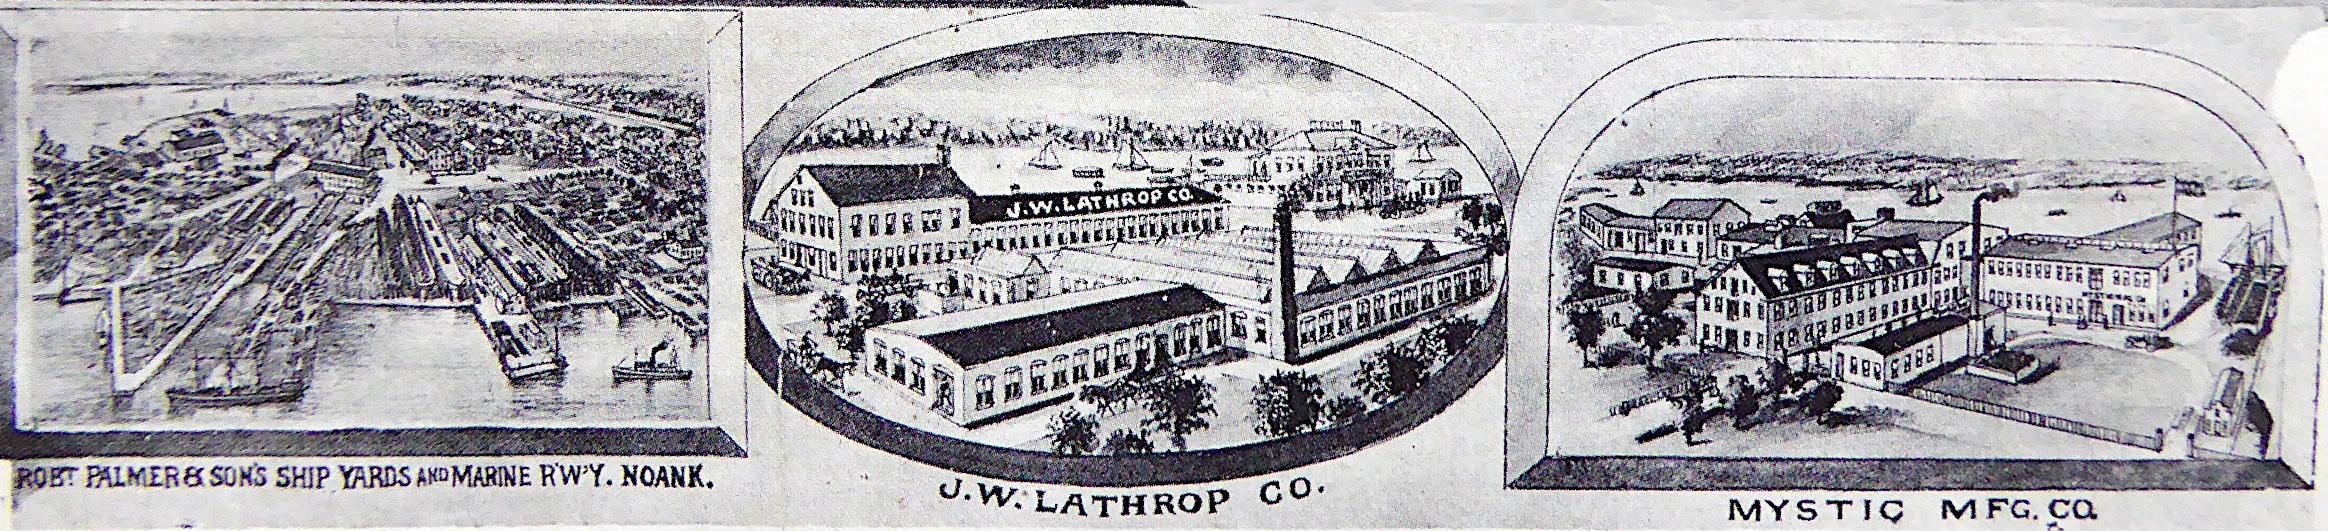 Lathrop strip